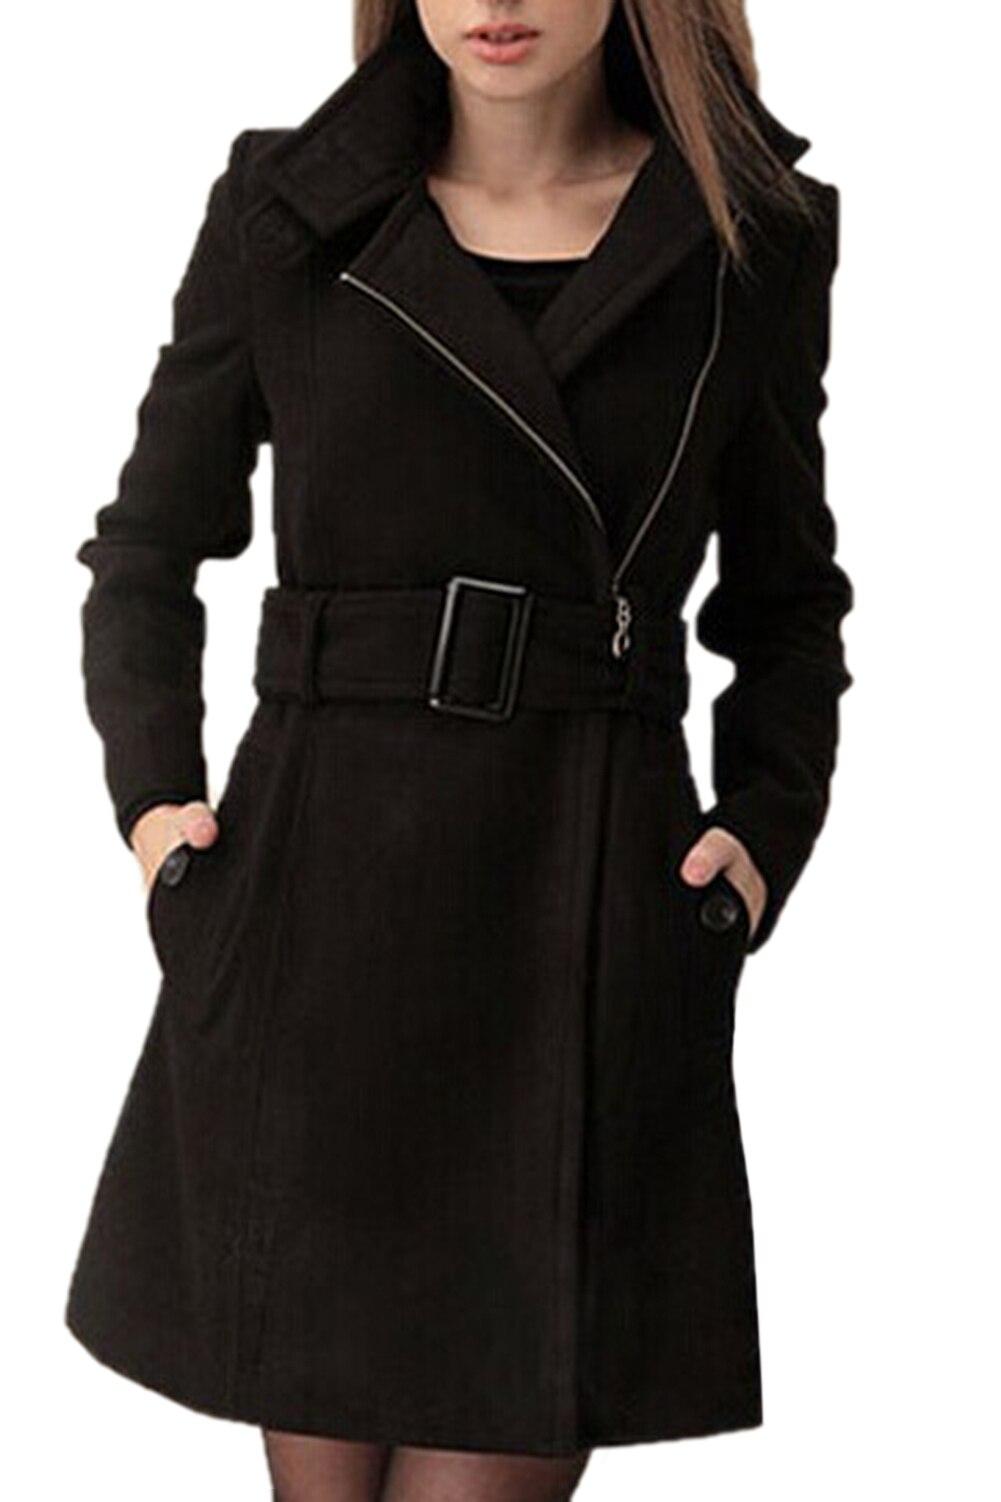 KSFS New Arrival Women long Parka Wool Coat Winter Outerwear Winter Zipper